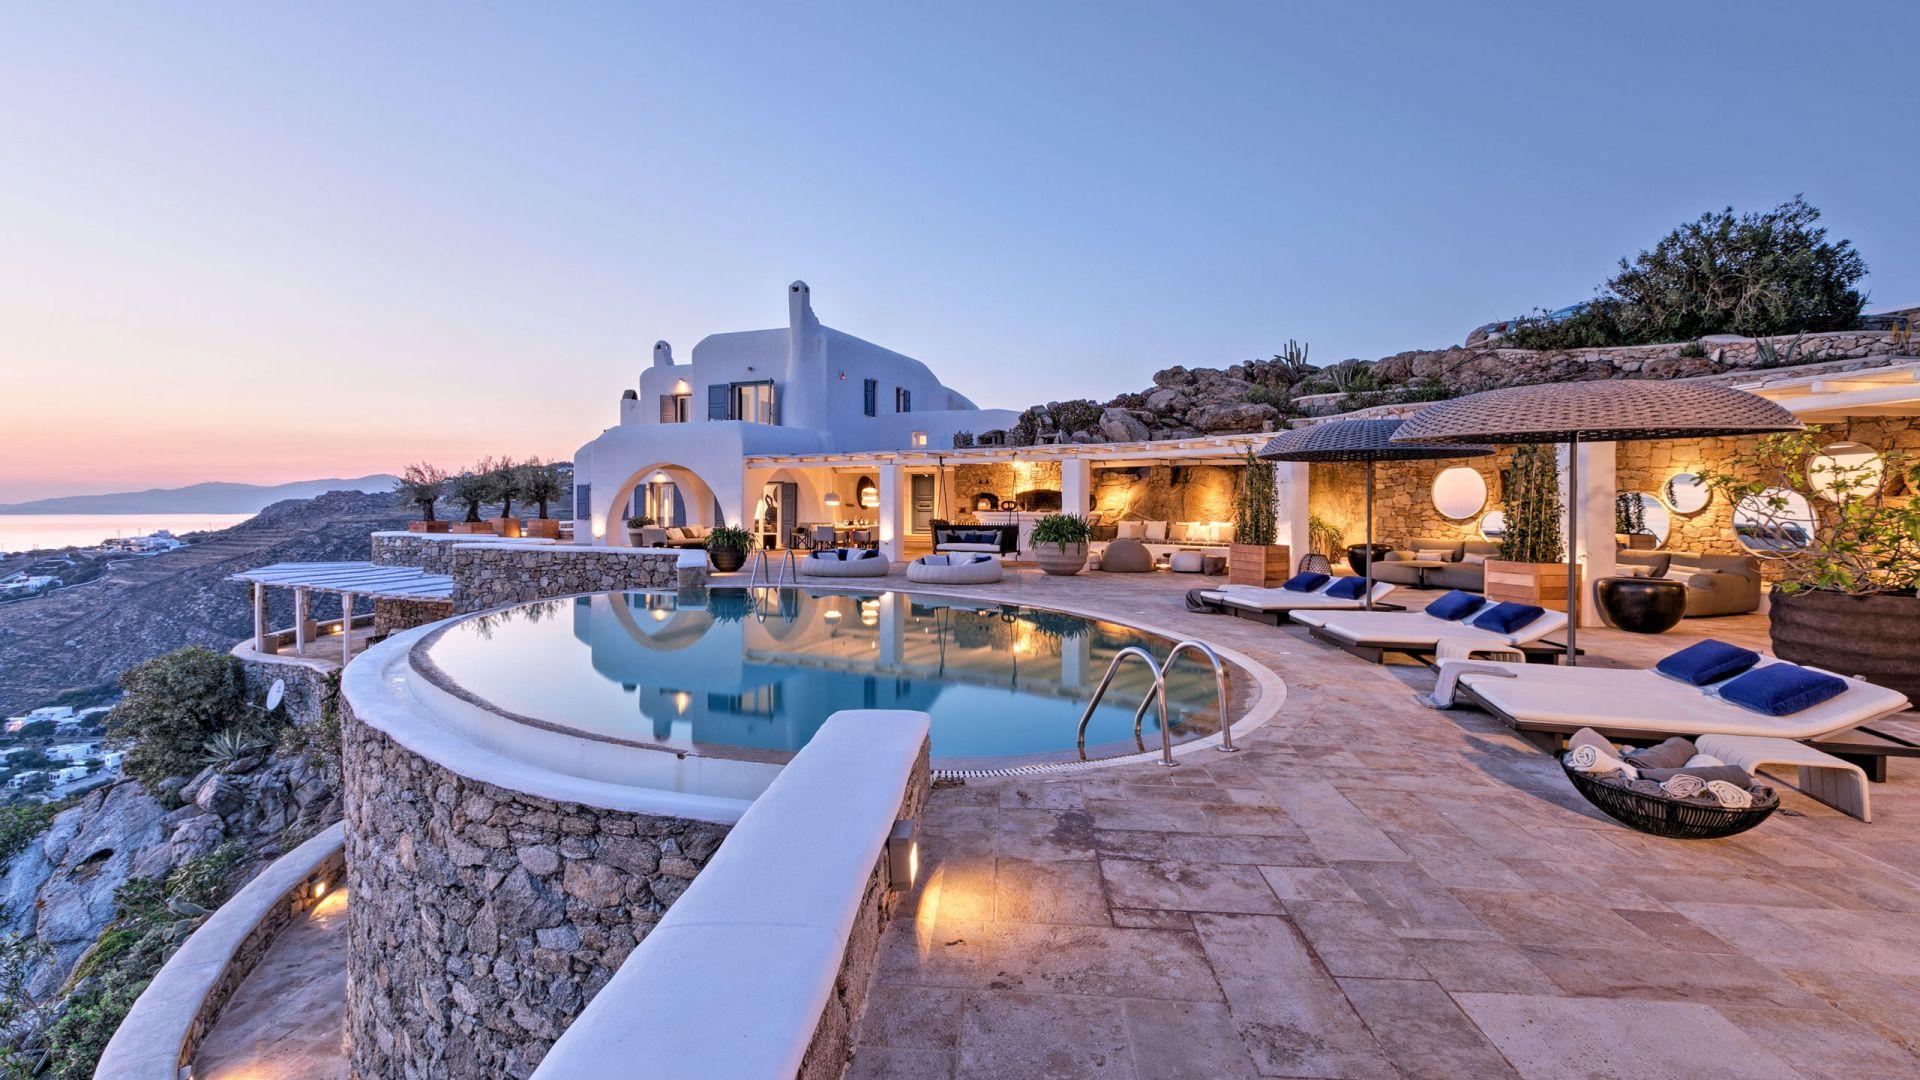 Ferienhaus Mykonos 7 Schlafzimmer - Agia Sofia Retreat